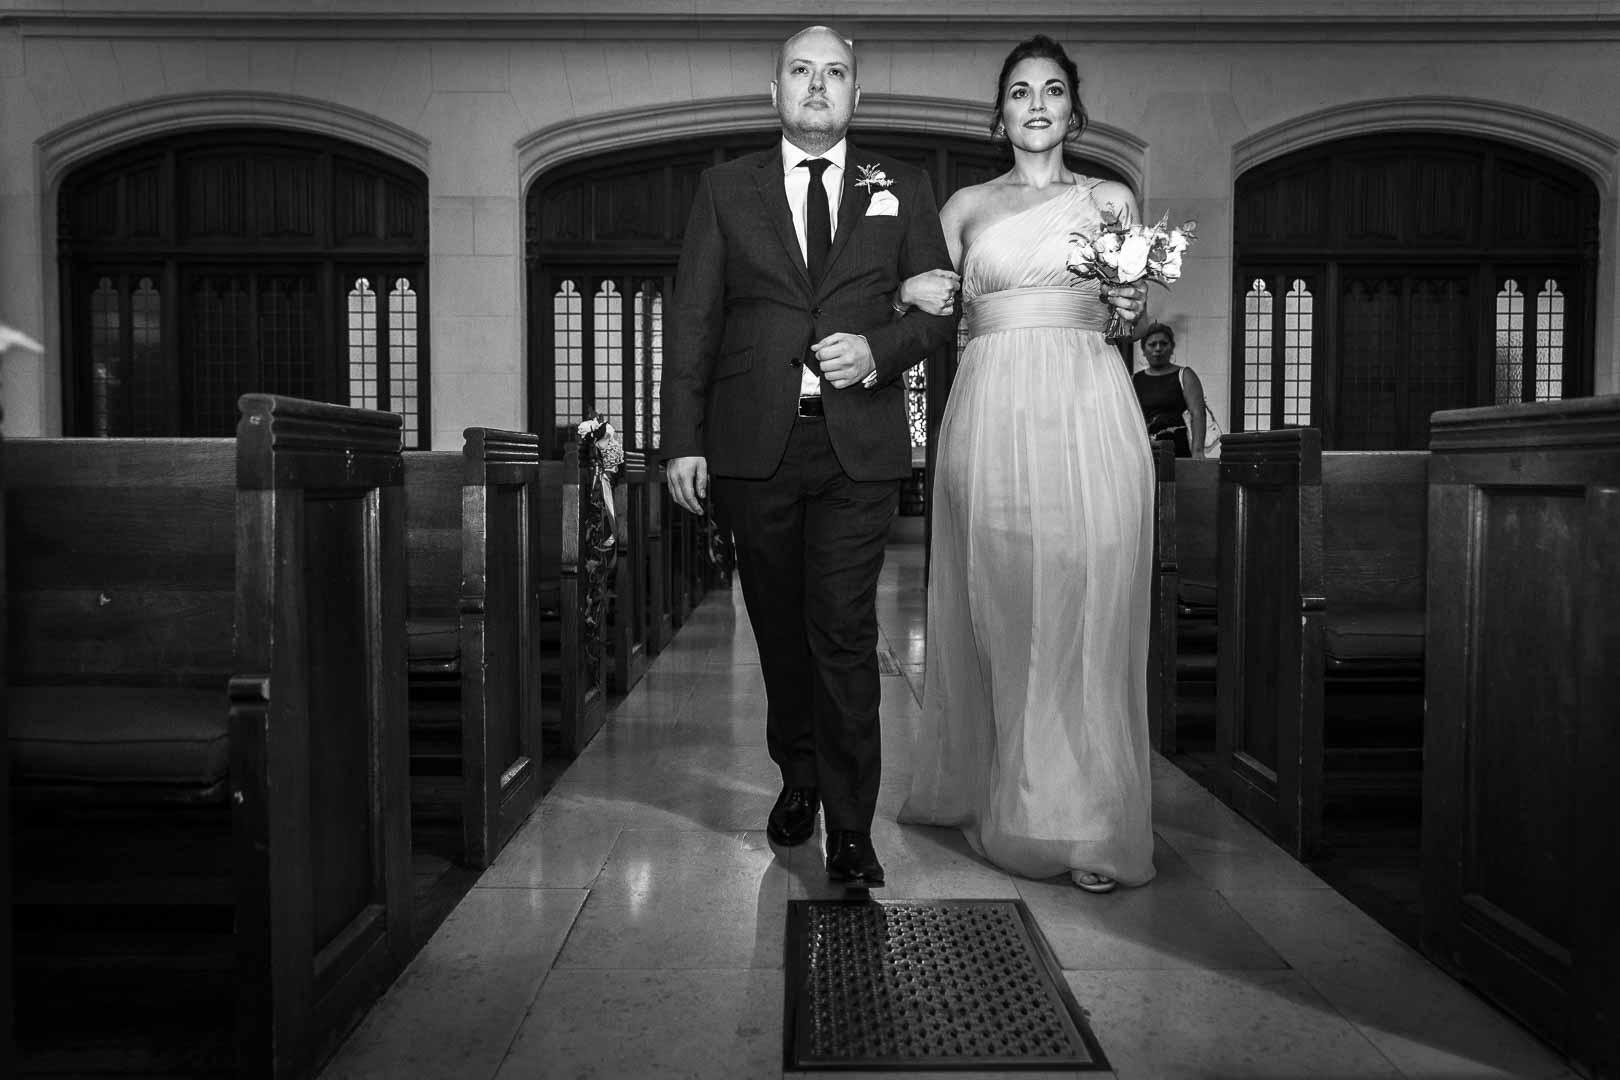 L'entrée des demoiselles d'honneur au bras des garçons d'honneur - Eglise Américaine de Paris - Crédits : Les Photos de Bela - Photographe de mariage Paris et IDF